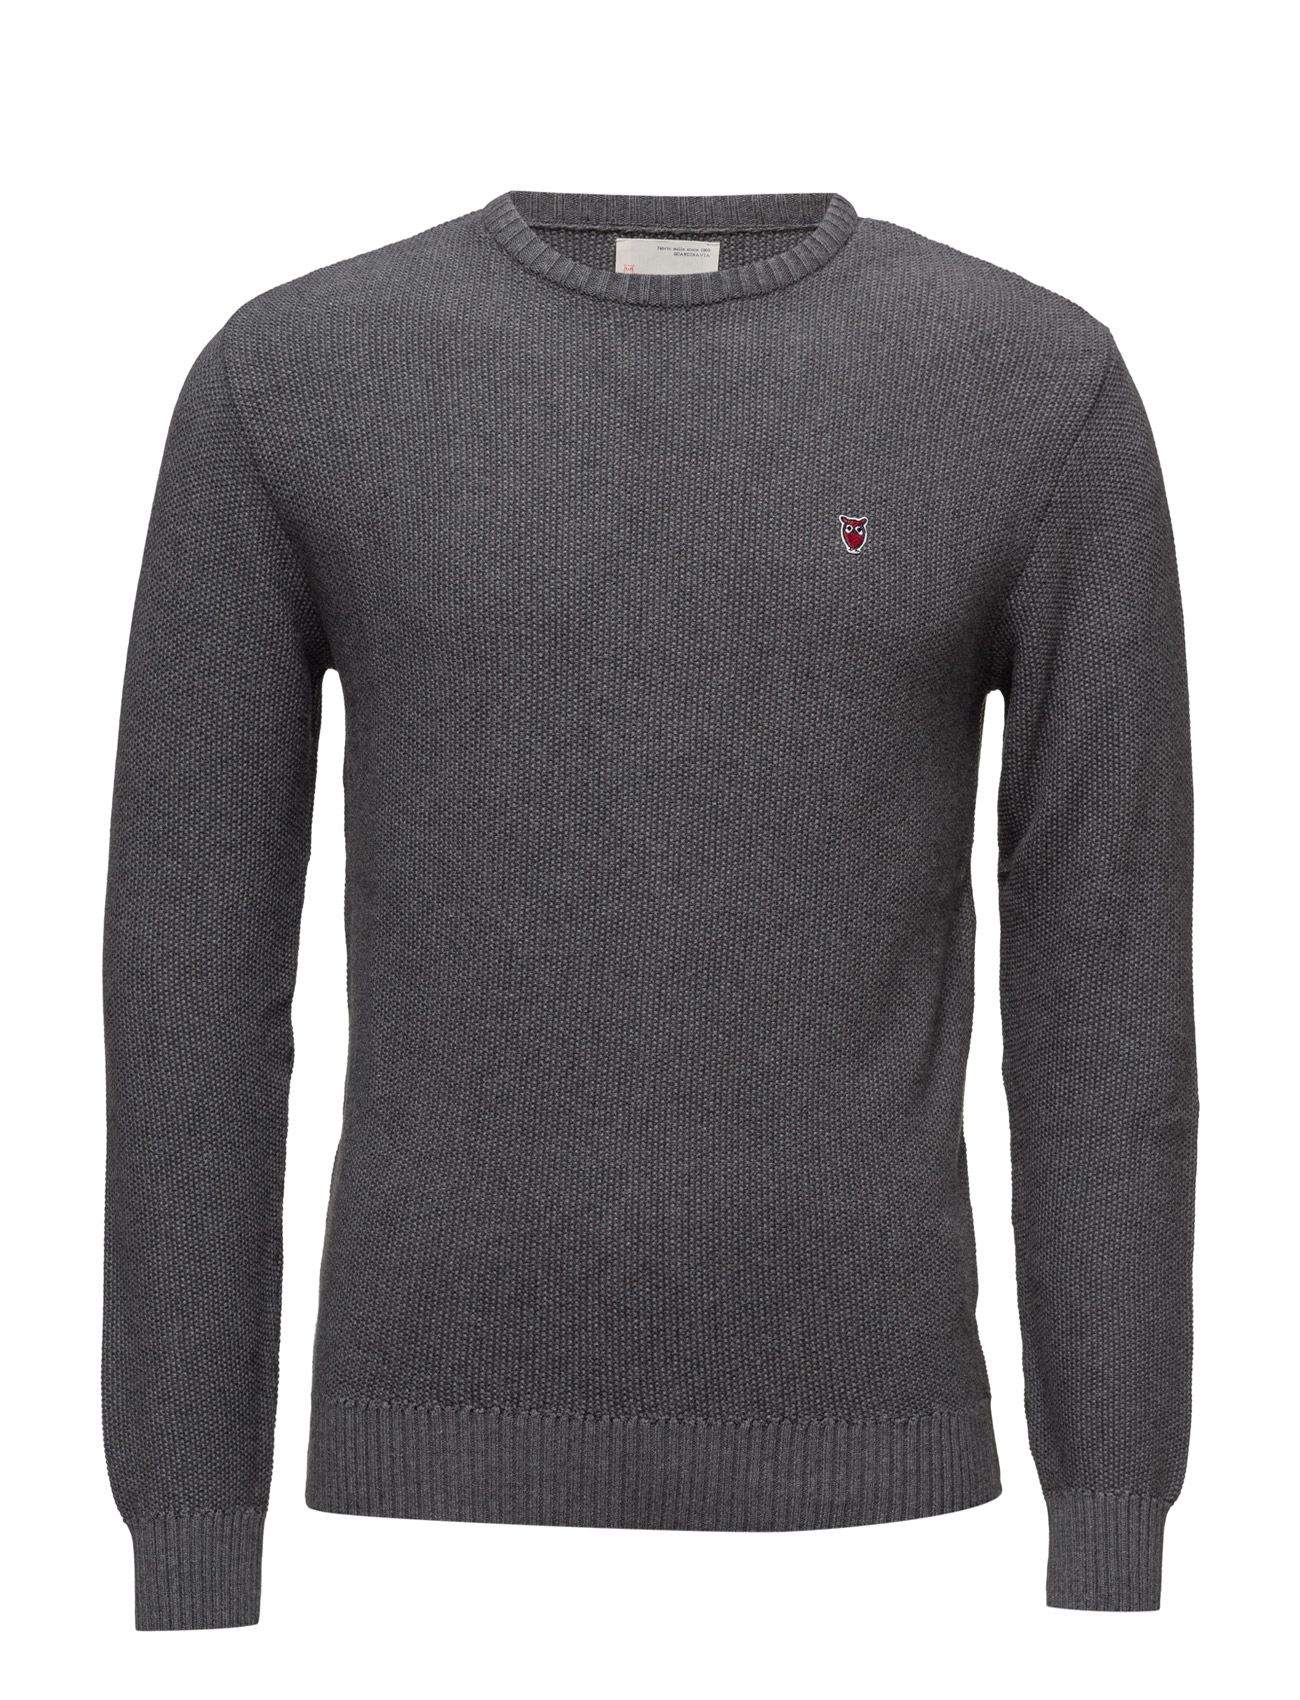 Basic Knit Knowledge Cotton Apparel Striktøj til Mænd i